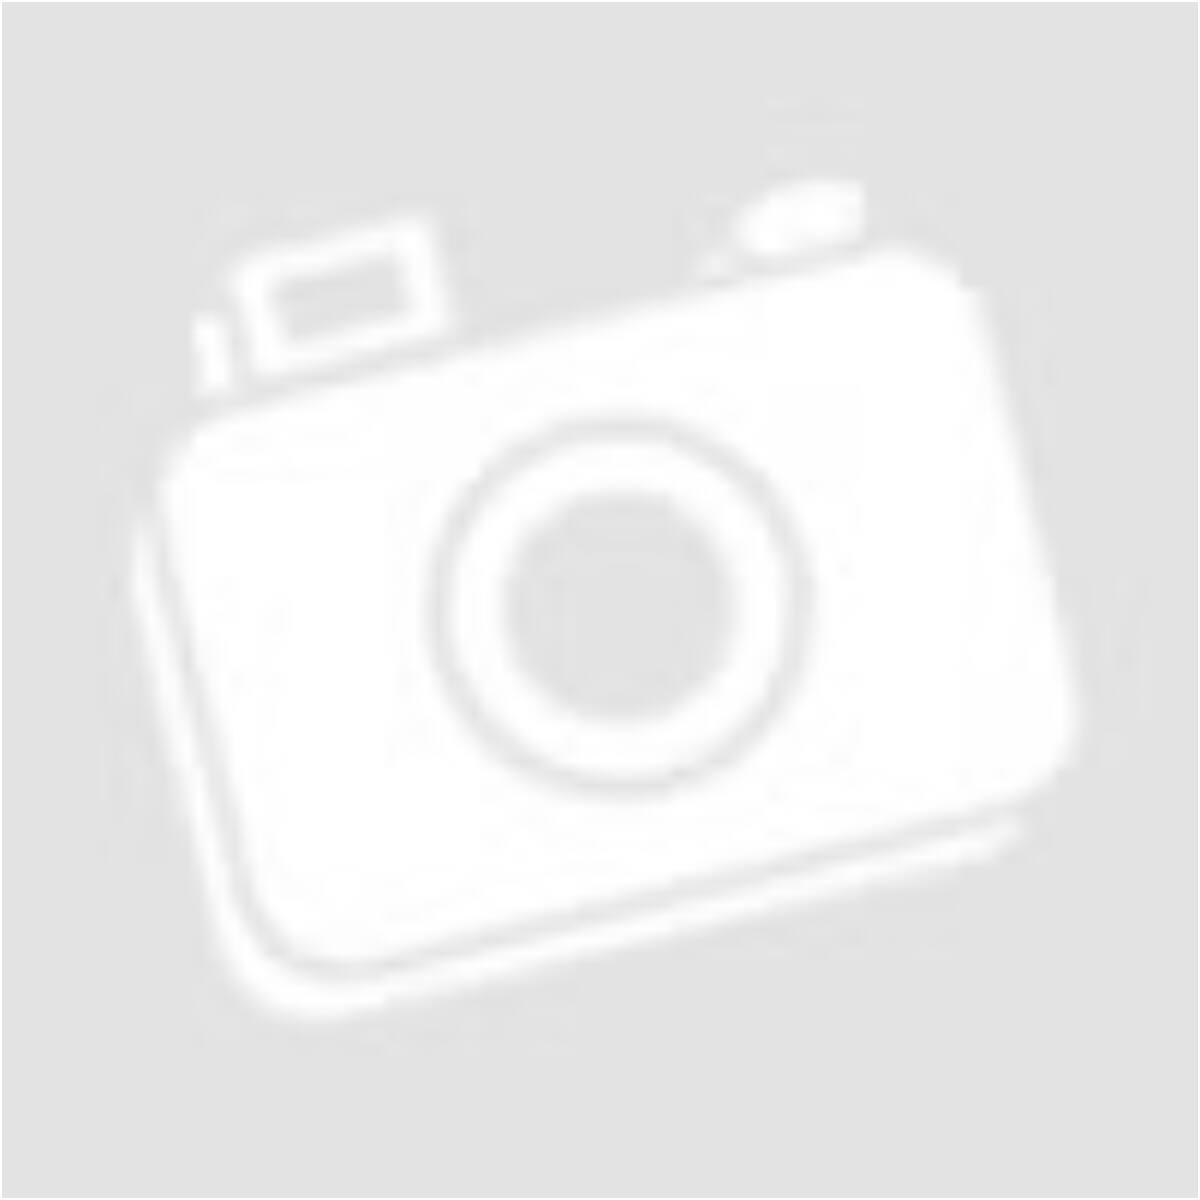 EMOI szürke Rebel póló gyerekruha - 122 (6-7 év)  20cdf82606